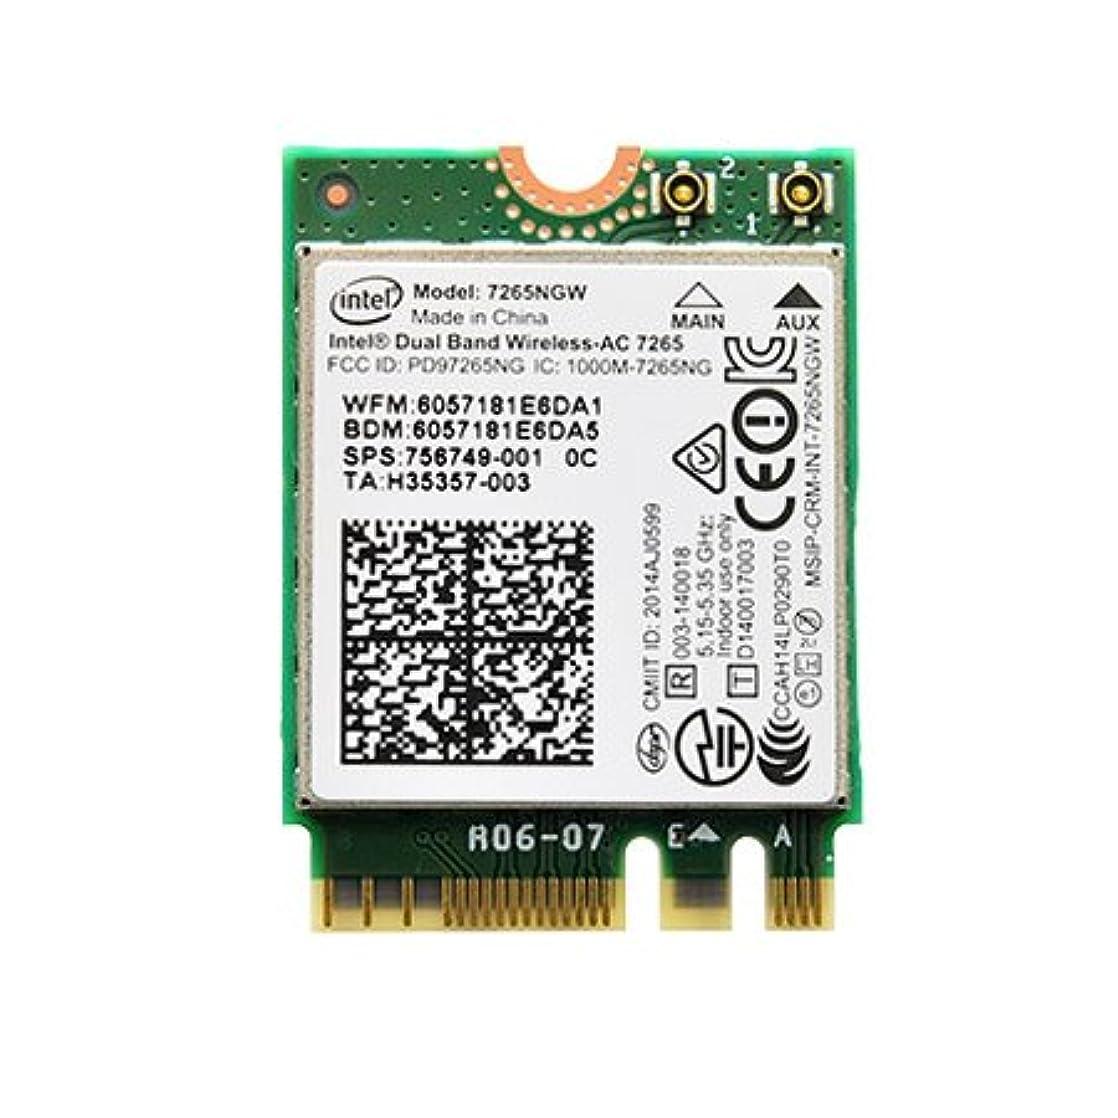 革命フォージミルク7265NGW : intel製M.2タイプ802.11ac/867Mbps?Bluetooth4.0対応WiFiモジュール  ビープラス?テクノロジーはインテル正規代理店?ゴールドパートナーです。ECLINKおよびユニ?ブリッジ取扱品はビープラス?テクノロジー経由の純正品?正規品です。インテルDual Band Wireless-AC 7265、M.2 (NGFF)規格準拠、2230サイズ?KeyAおよびKeyEのスロットで利用できます。無線LAN/WiFiは802.ac準拠で最高867Mbps! Bluetoothは4.0対応で低消費電力、マウス?キーボードの利用に最適!別売りのM2MP1を使えばmPCIeスロットで、M2P2Hを利用すればPCIeスロットでも利用可能。MHF4-080-RPSMA-X2 (RF22008B) を利用して、WiFiアンテナ標準のRP-SMAコネクタに変換可能。ECLINKおよびユニ?ブリッジ取扱品はビープラス?テクノロジー / Bplus Technology経由の純正品?正規品です。